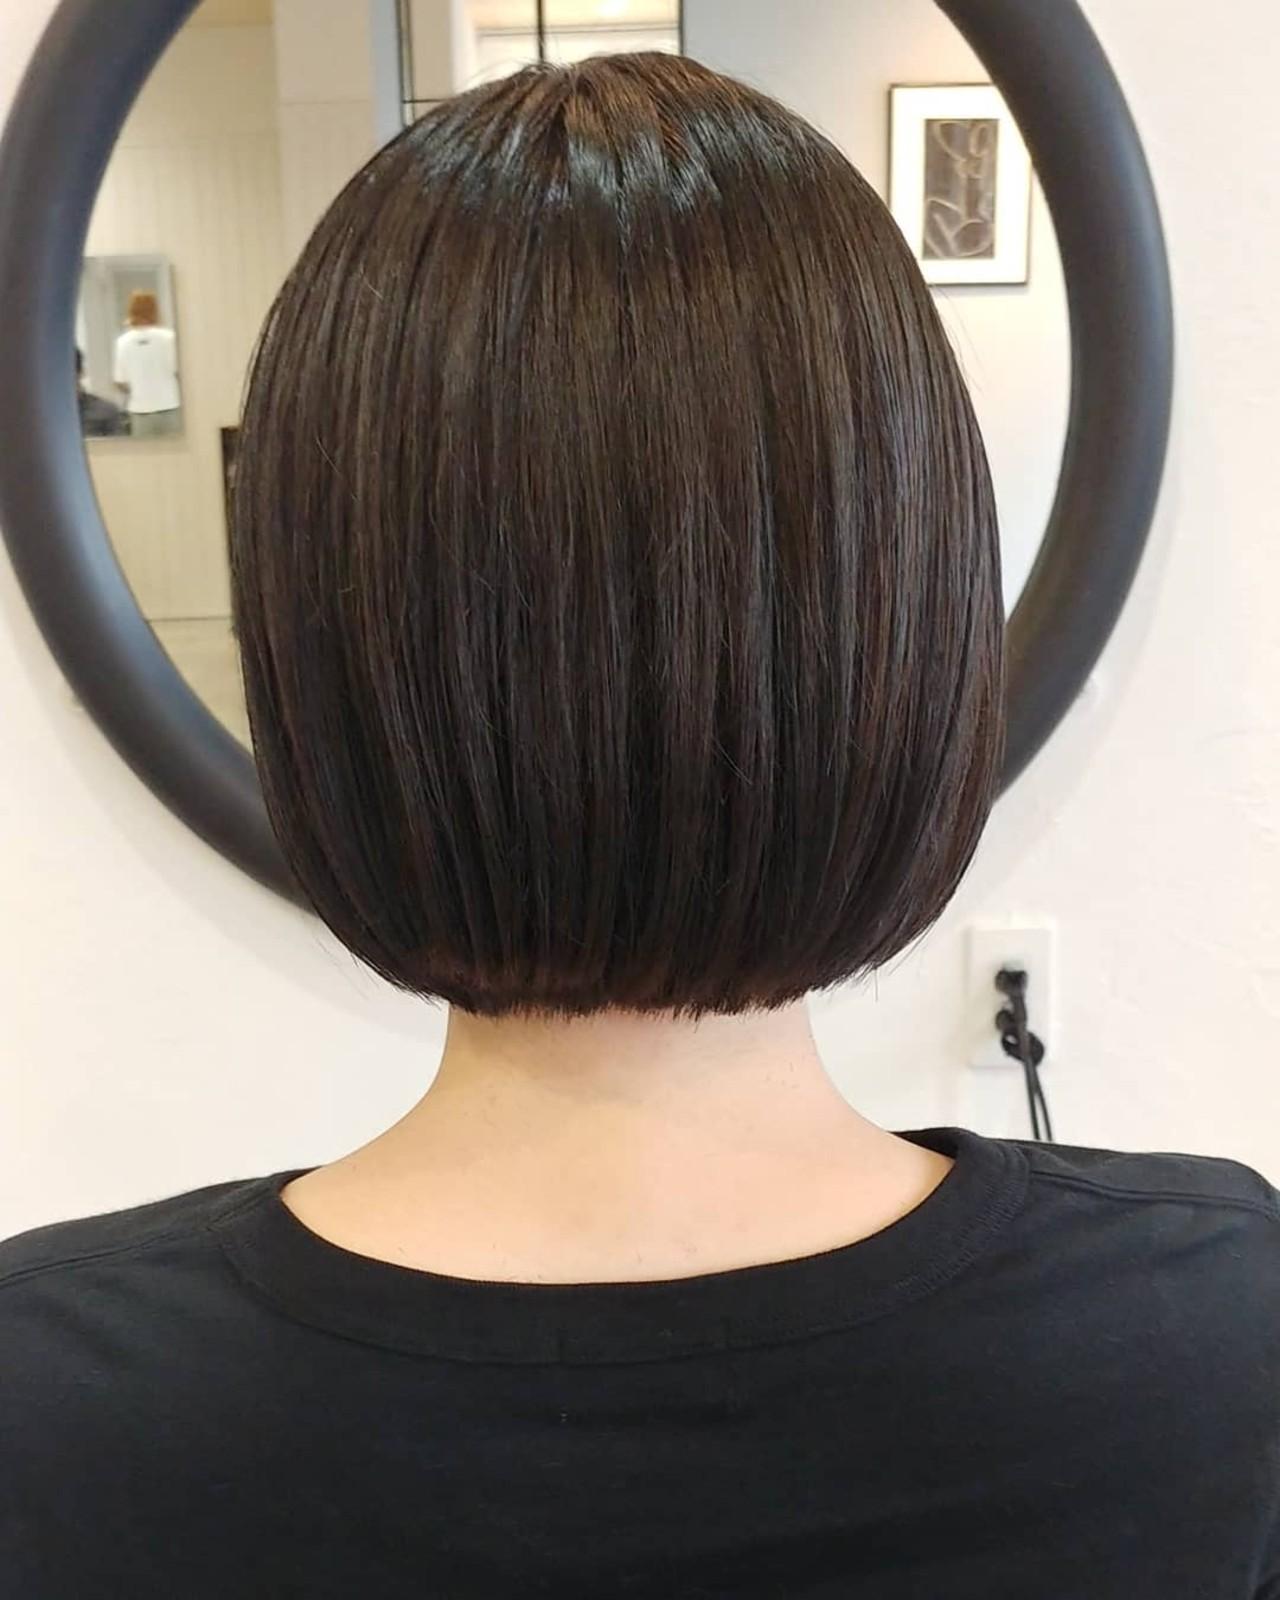 ミニボブ ショートヘア ナチュラル ショートボブ ヘアスタイルや髪型の写真・画像   『ショート、カラーはお任せください』島本 優 / HYKE/sapporo